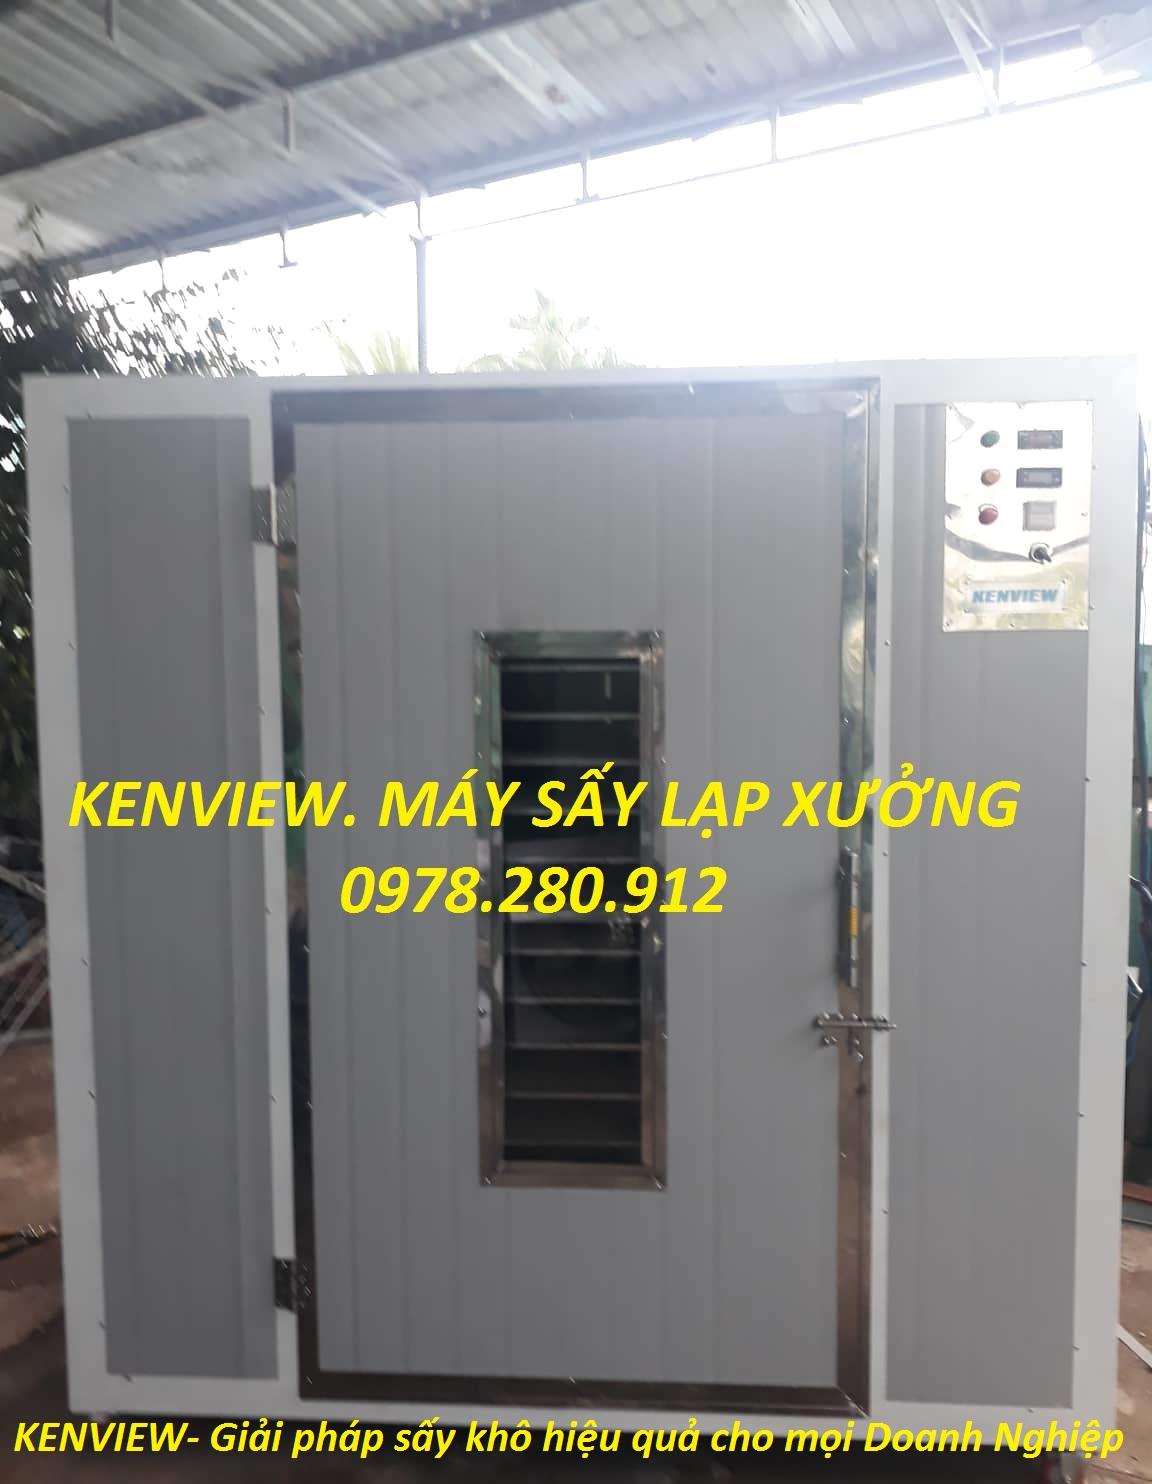 Cách sấy lạp xưởng bằng máy sấy mini Kenview.0978.280.912